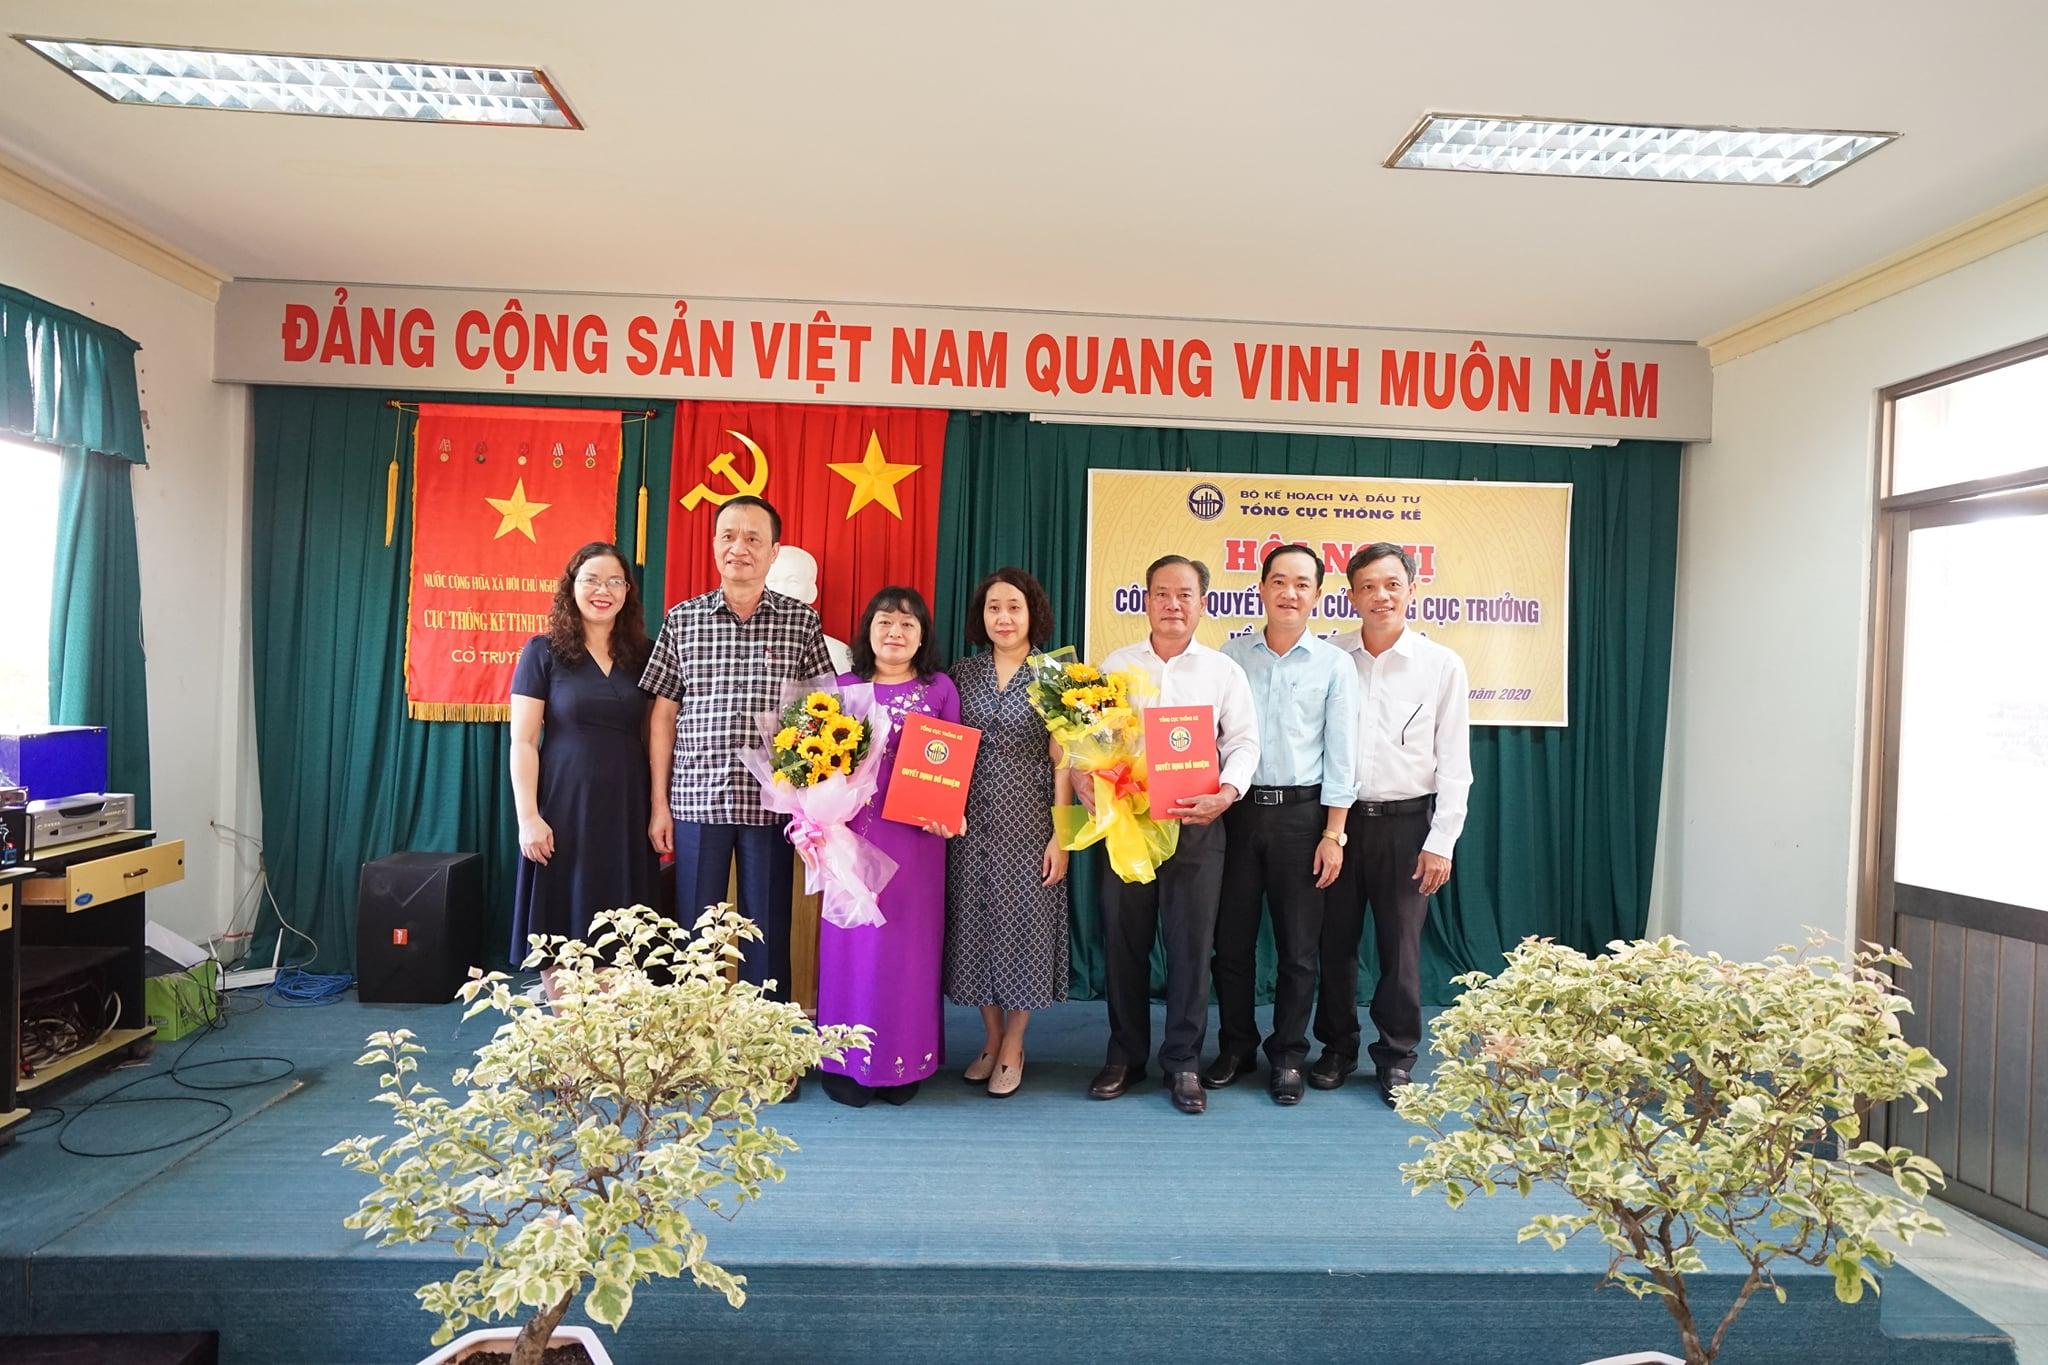 Lễ công bố và trao Quyết định bổ nhiệm Lãnh đạo cục Thống kê tỉnh Tiền Giang